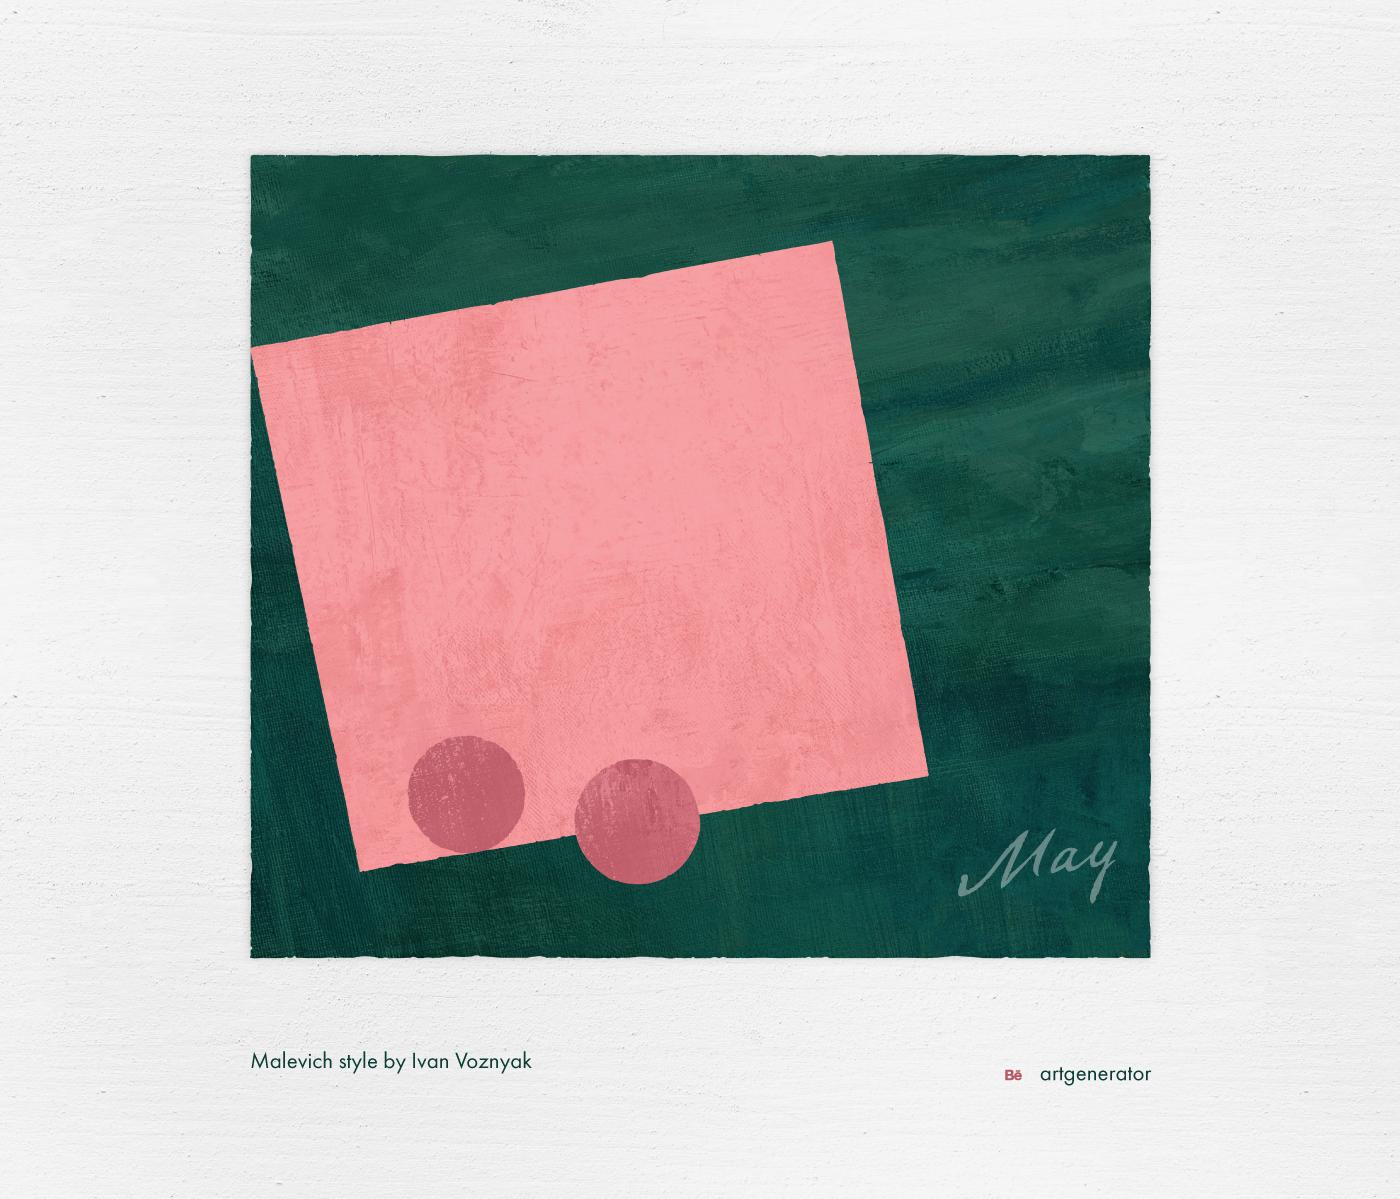 free calendar free calendar calendar 2019 pig art Picasso malevich warhol van gogh